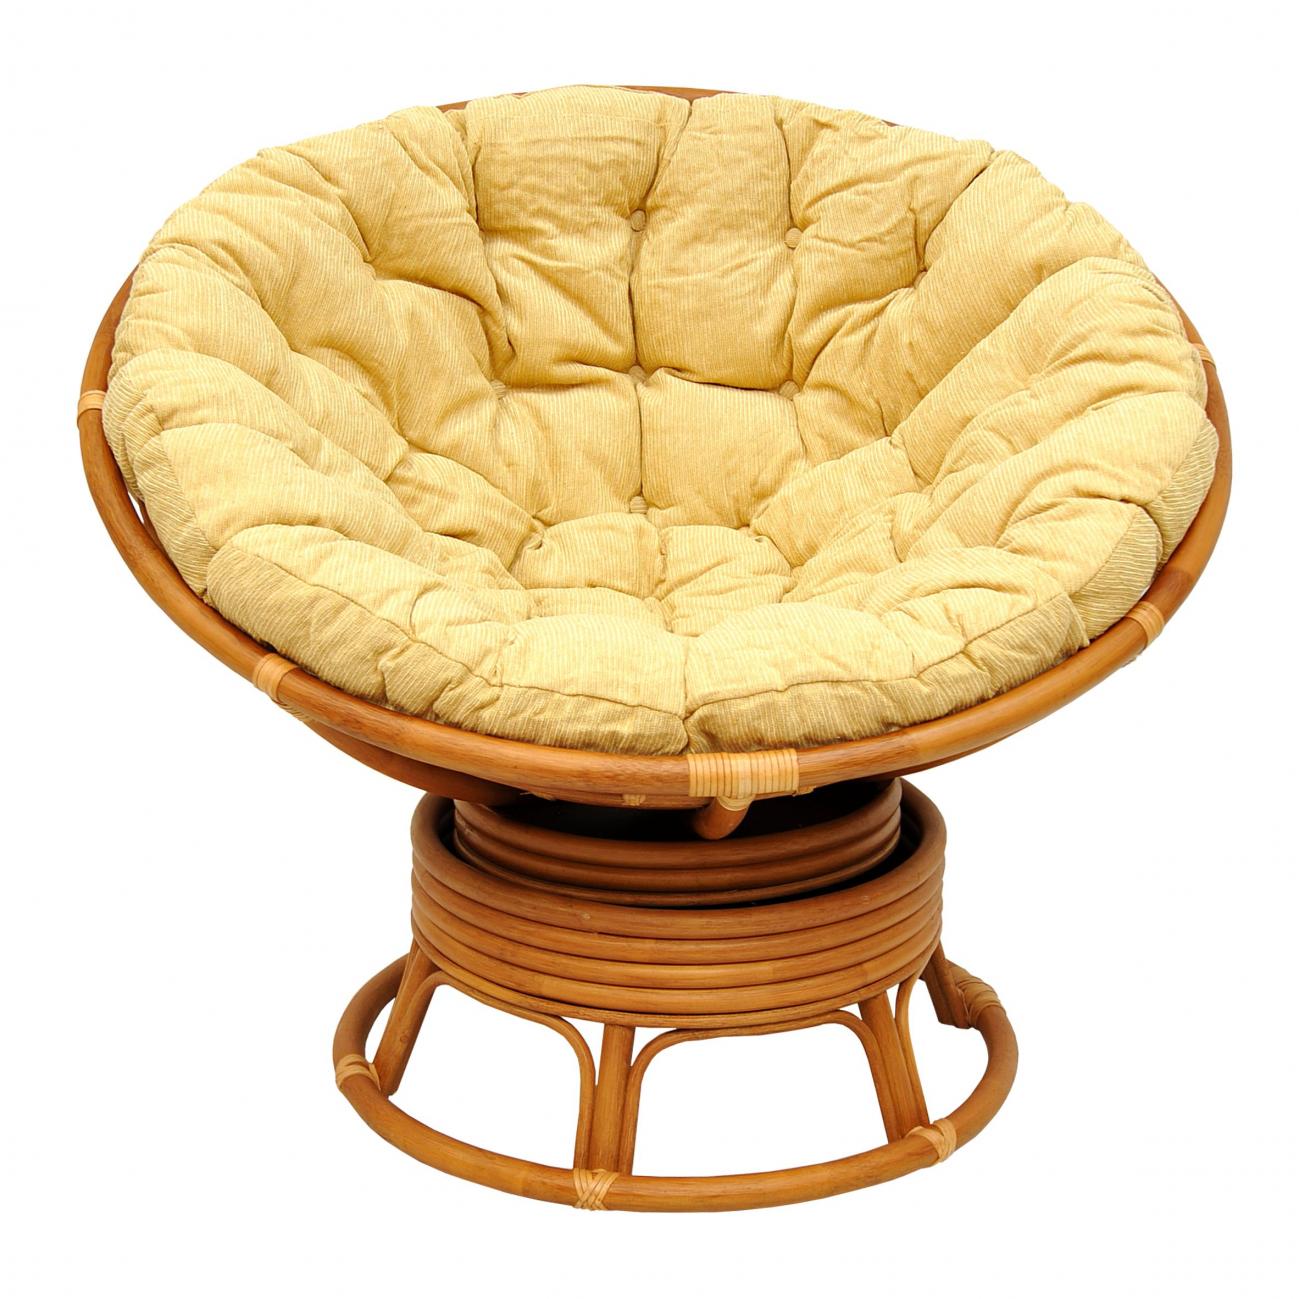 Купить Кресло механическое Circle (Matte, бежево-золотой) в интернет магазине дизайнерской мебели и аксессуаров для дома и дачи